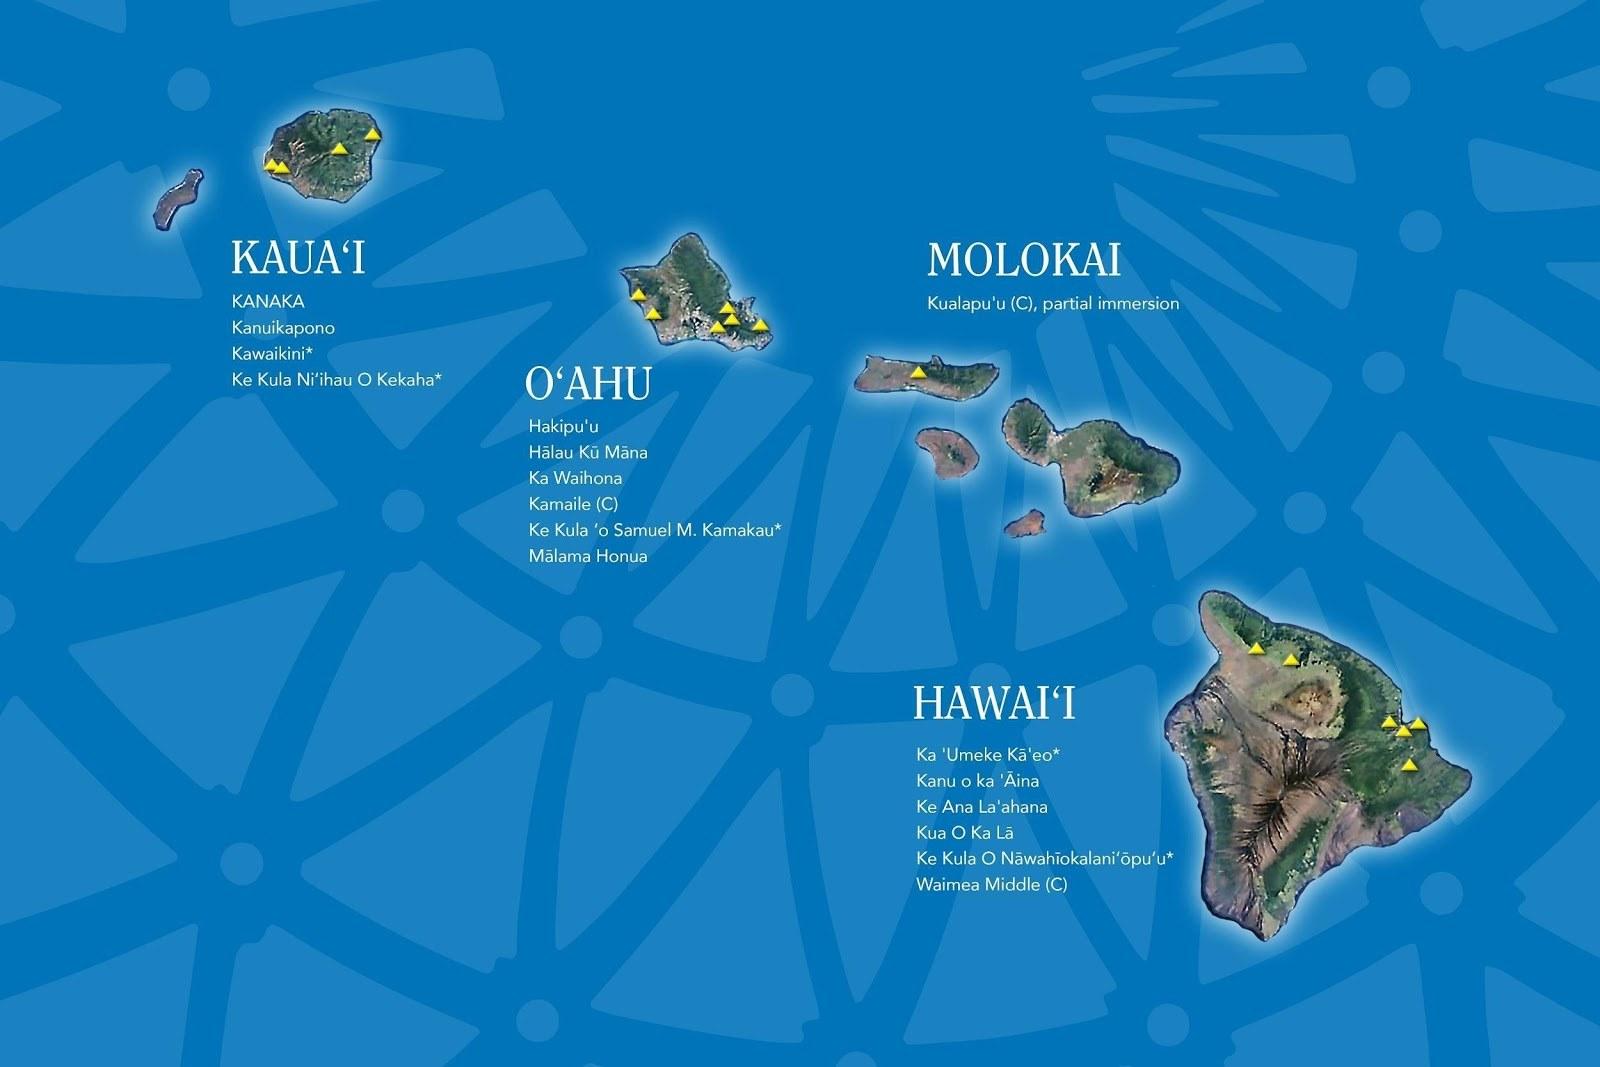 Map of Hawaiian-focused charter schools